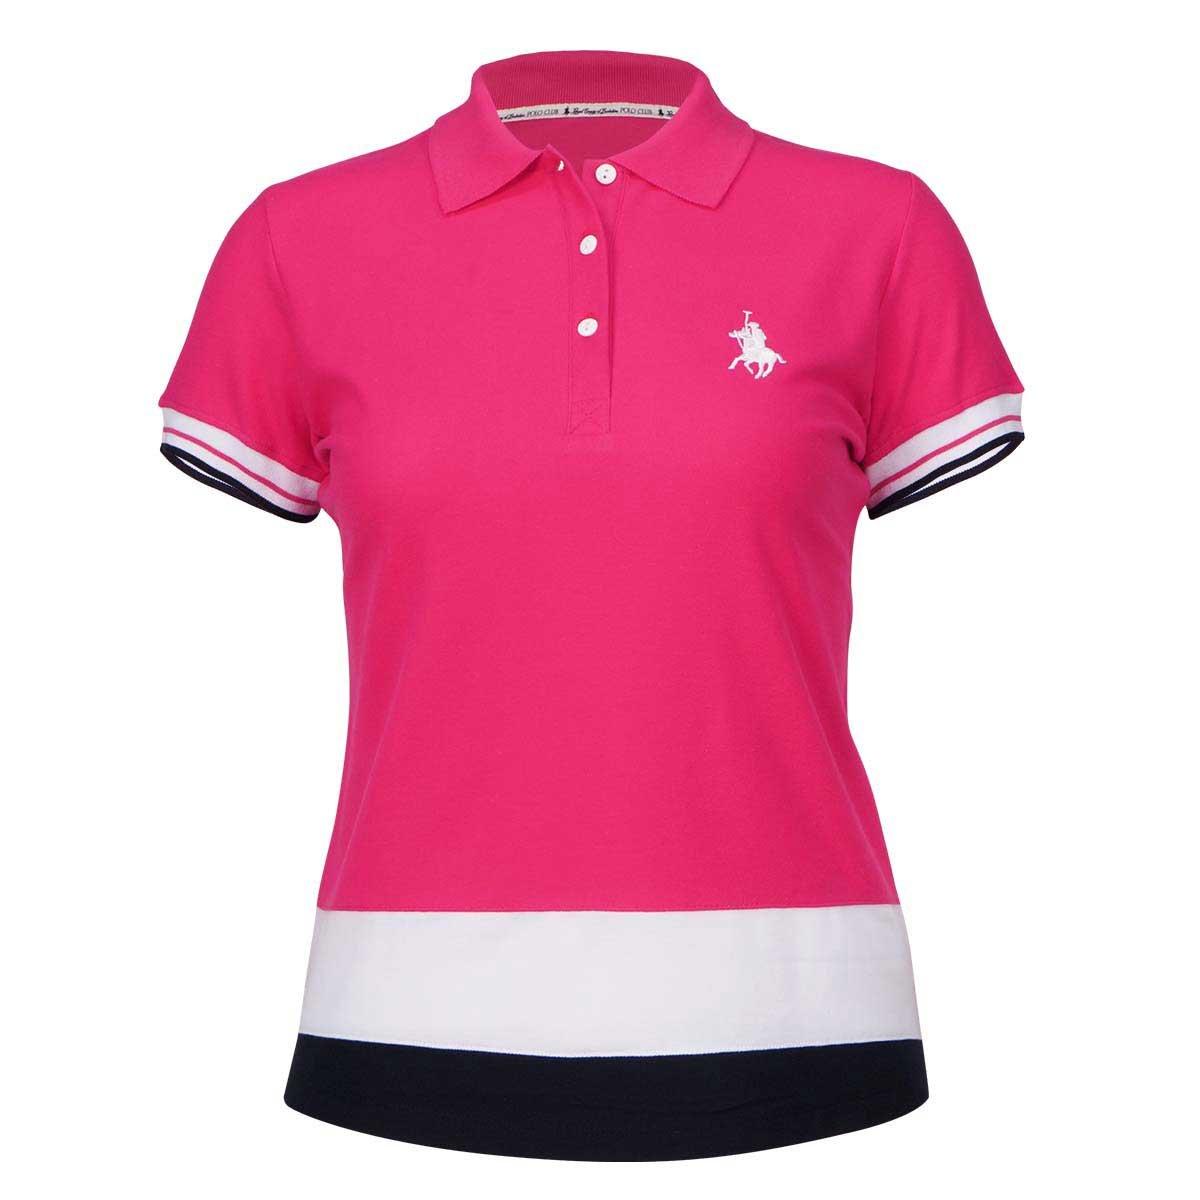 a06c75e18b8de Playera Polo Diseño Bloques Polo Club. SKU   70148104 Marca  POLO CLUB